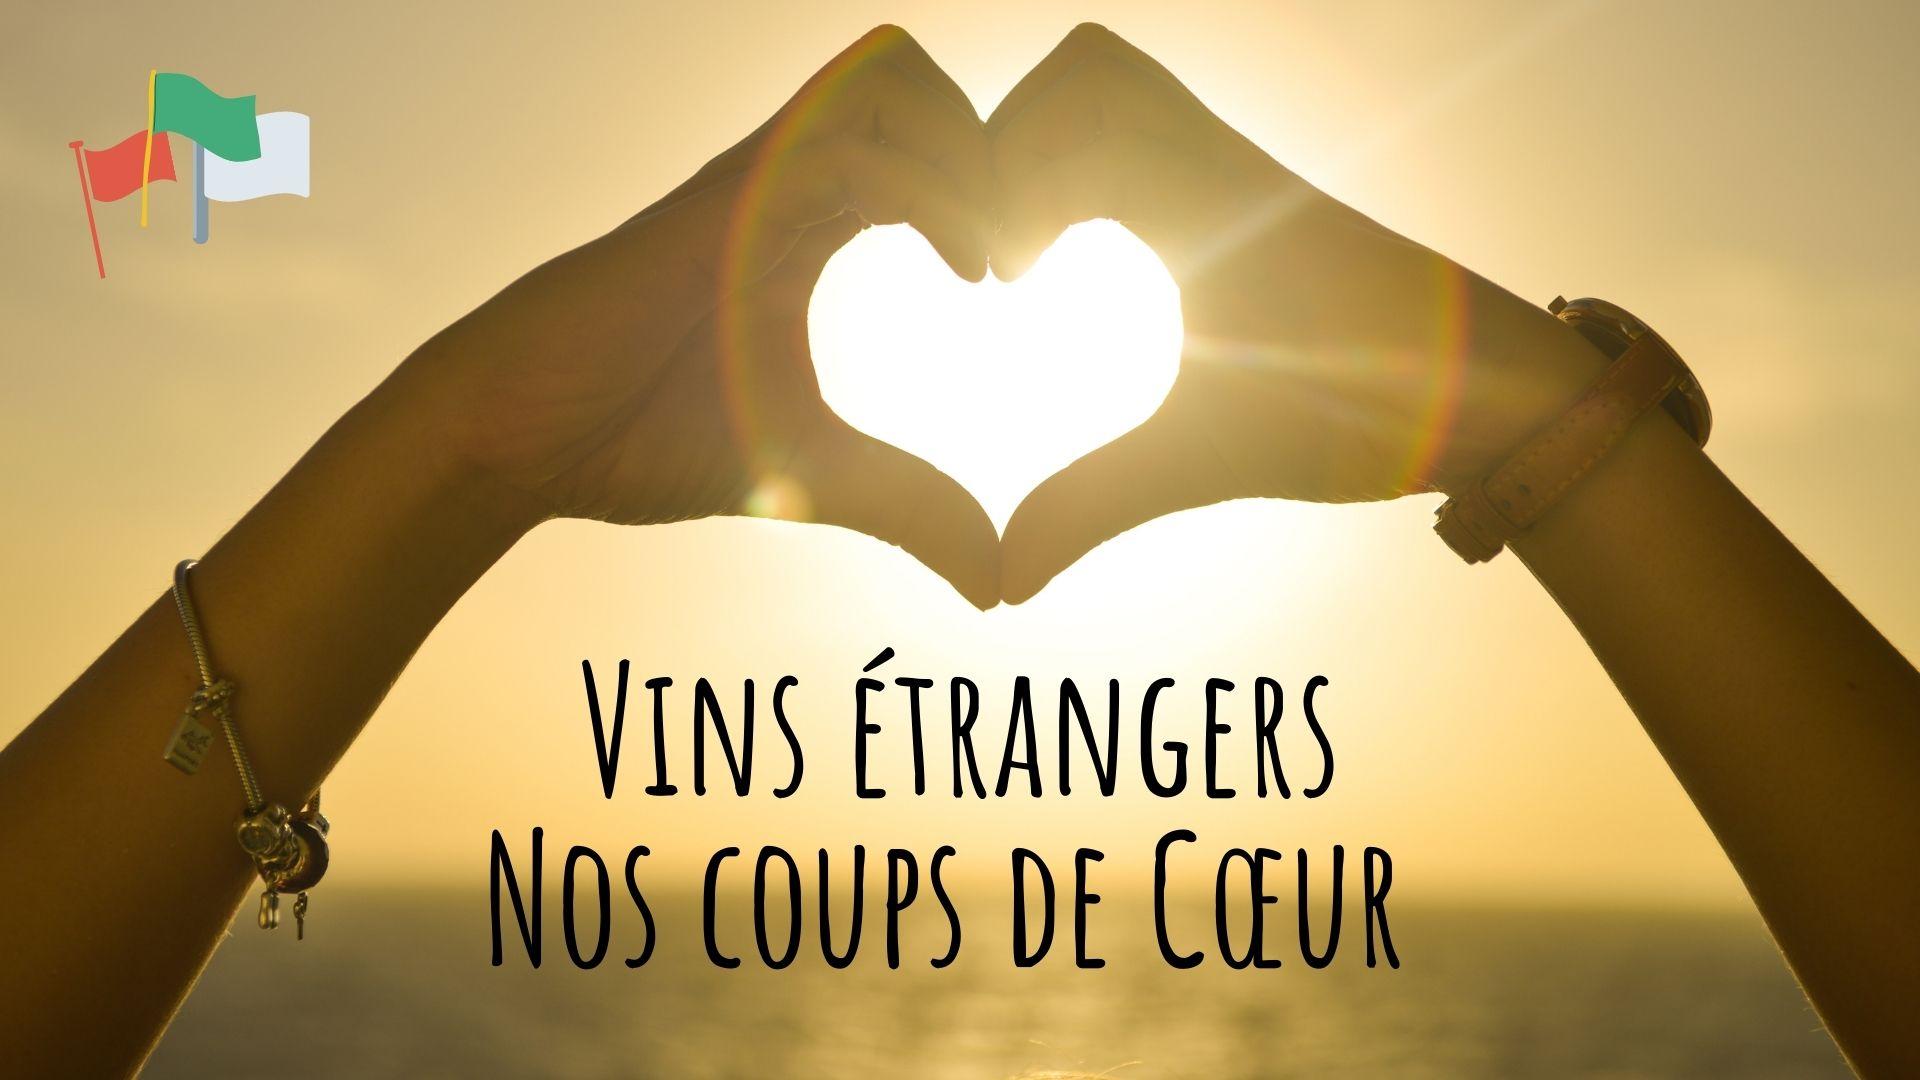 Vins étrangers nos coups de coeur